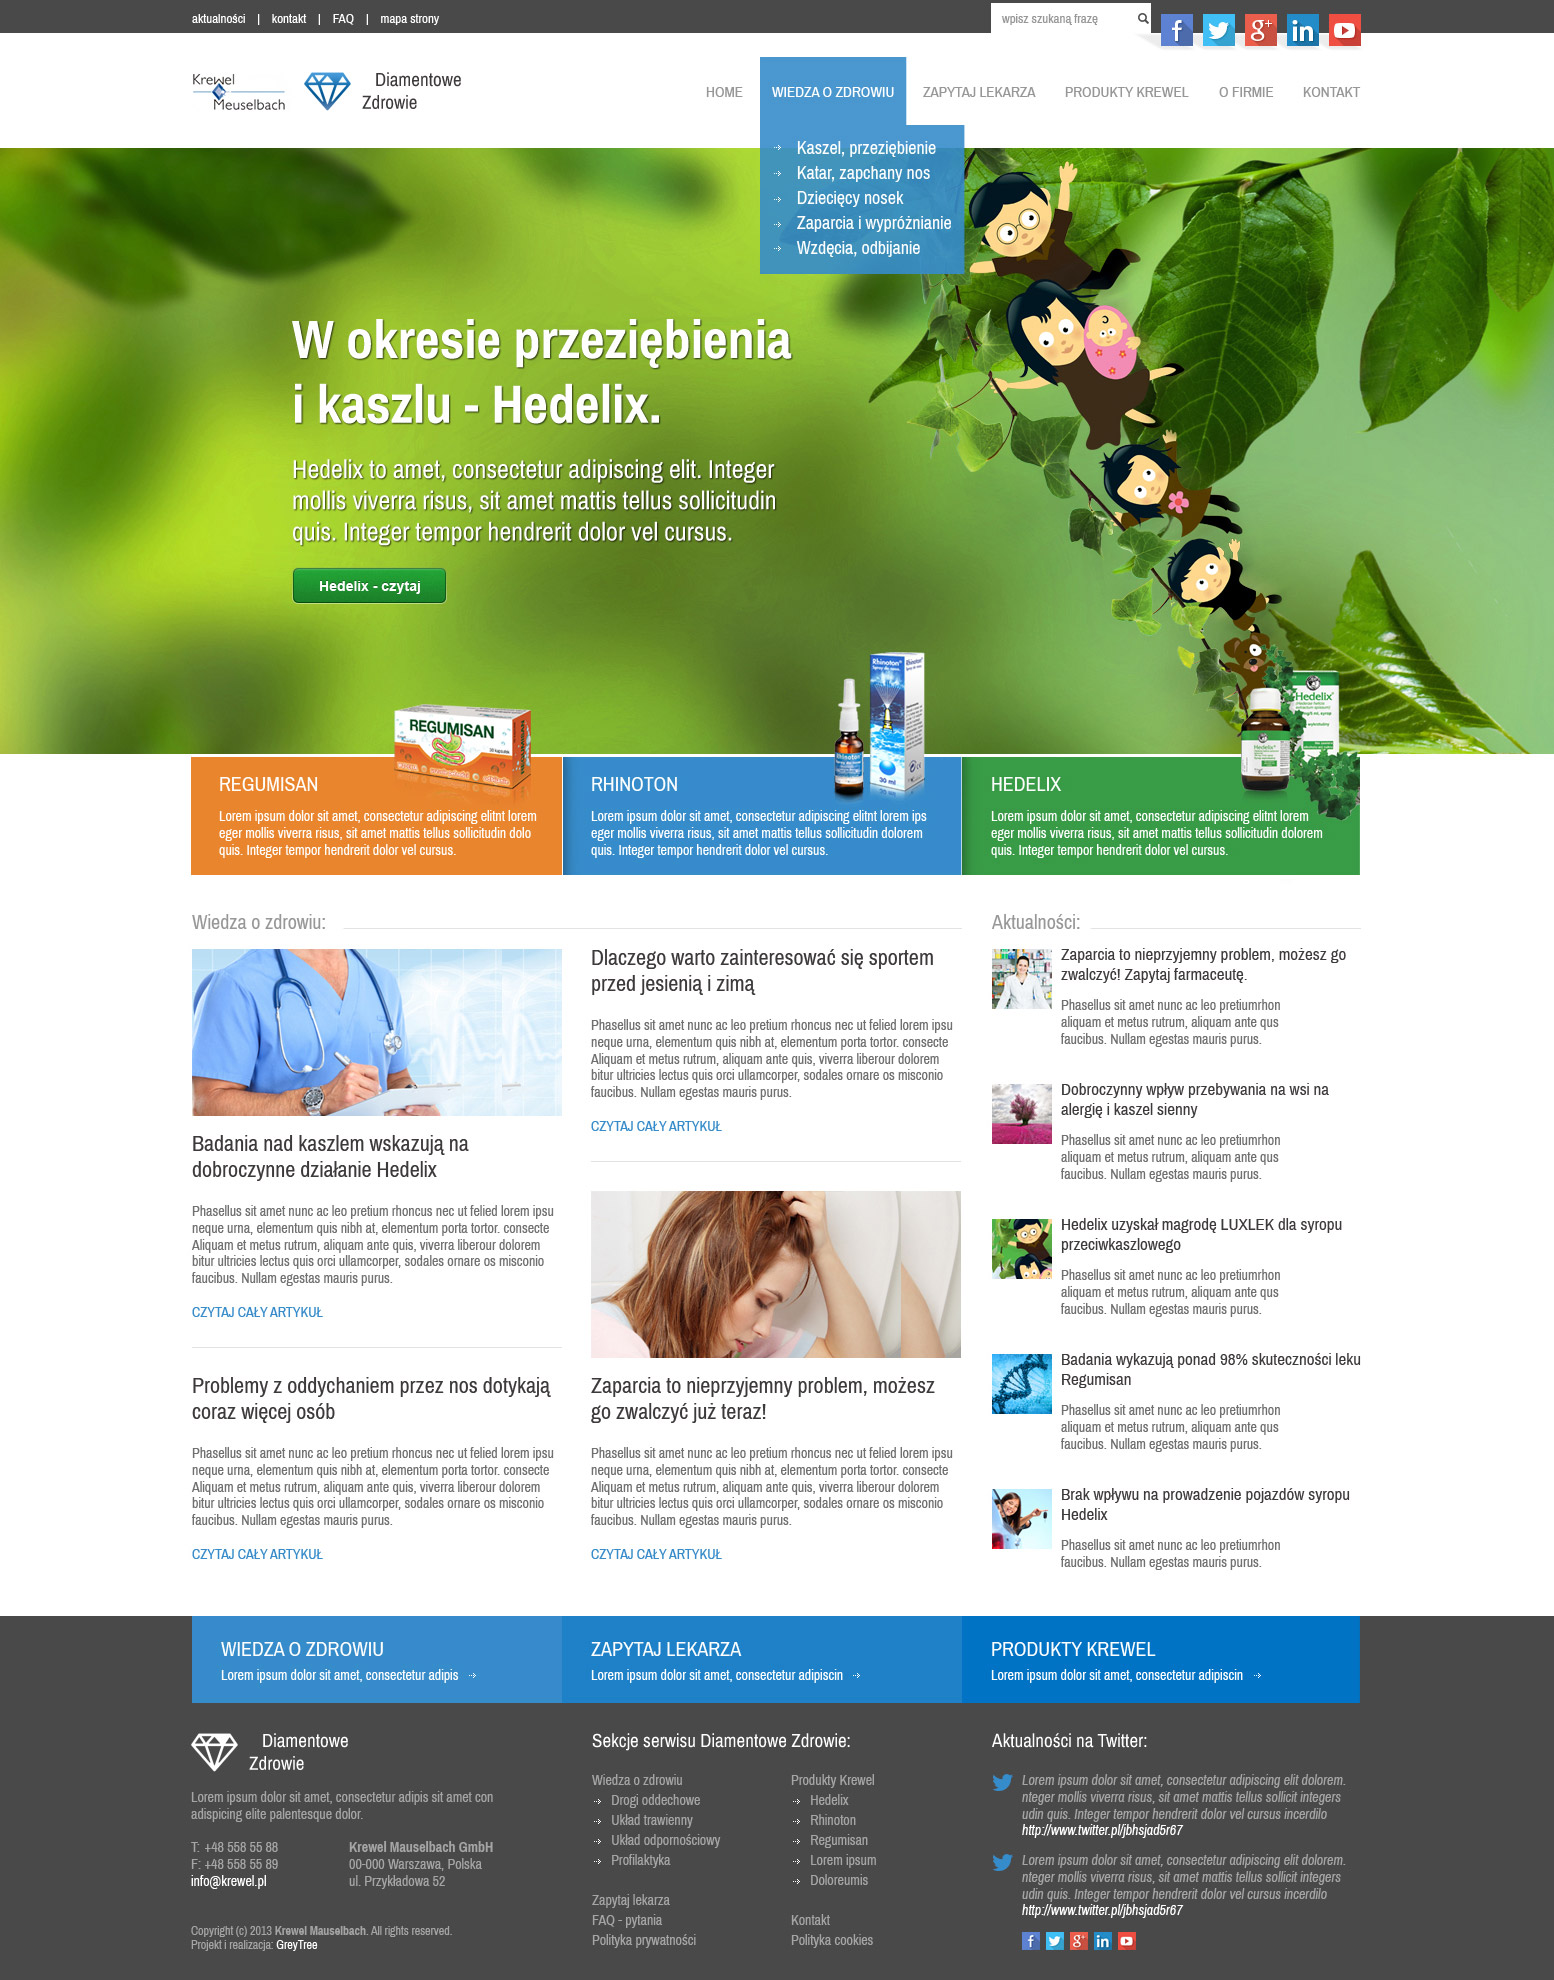 krewel meuselbach pharma